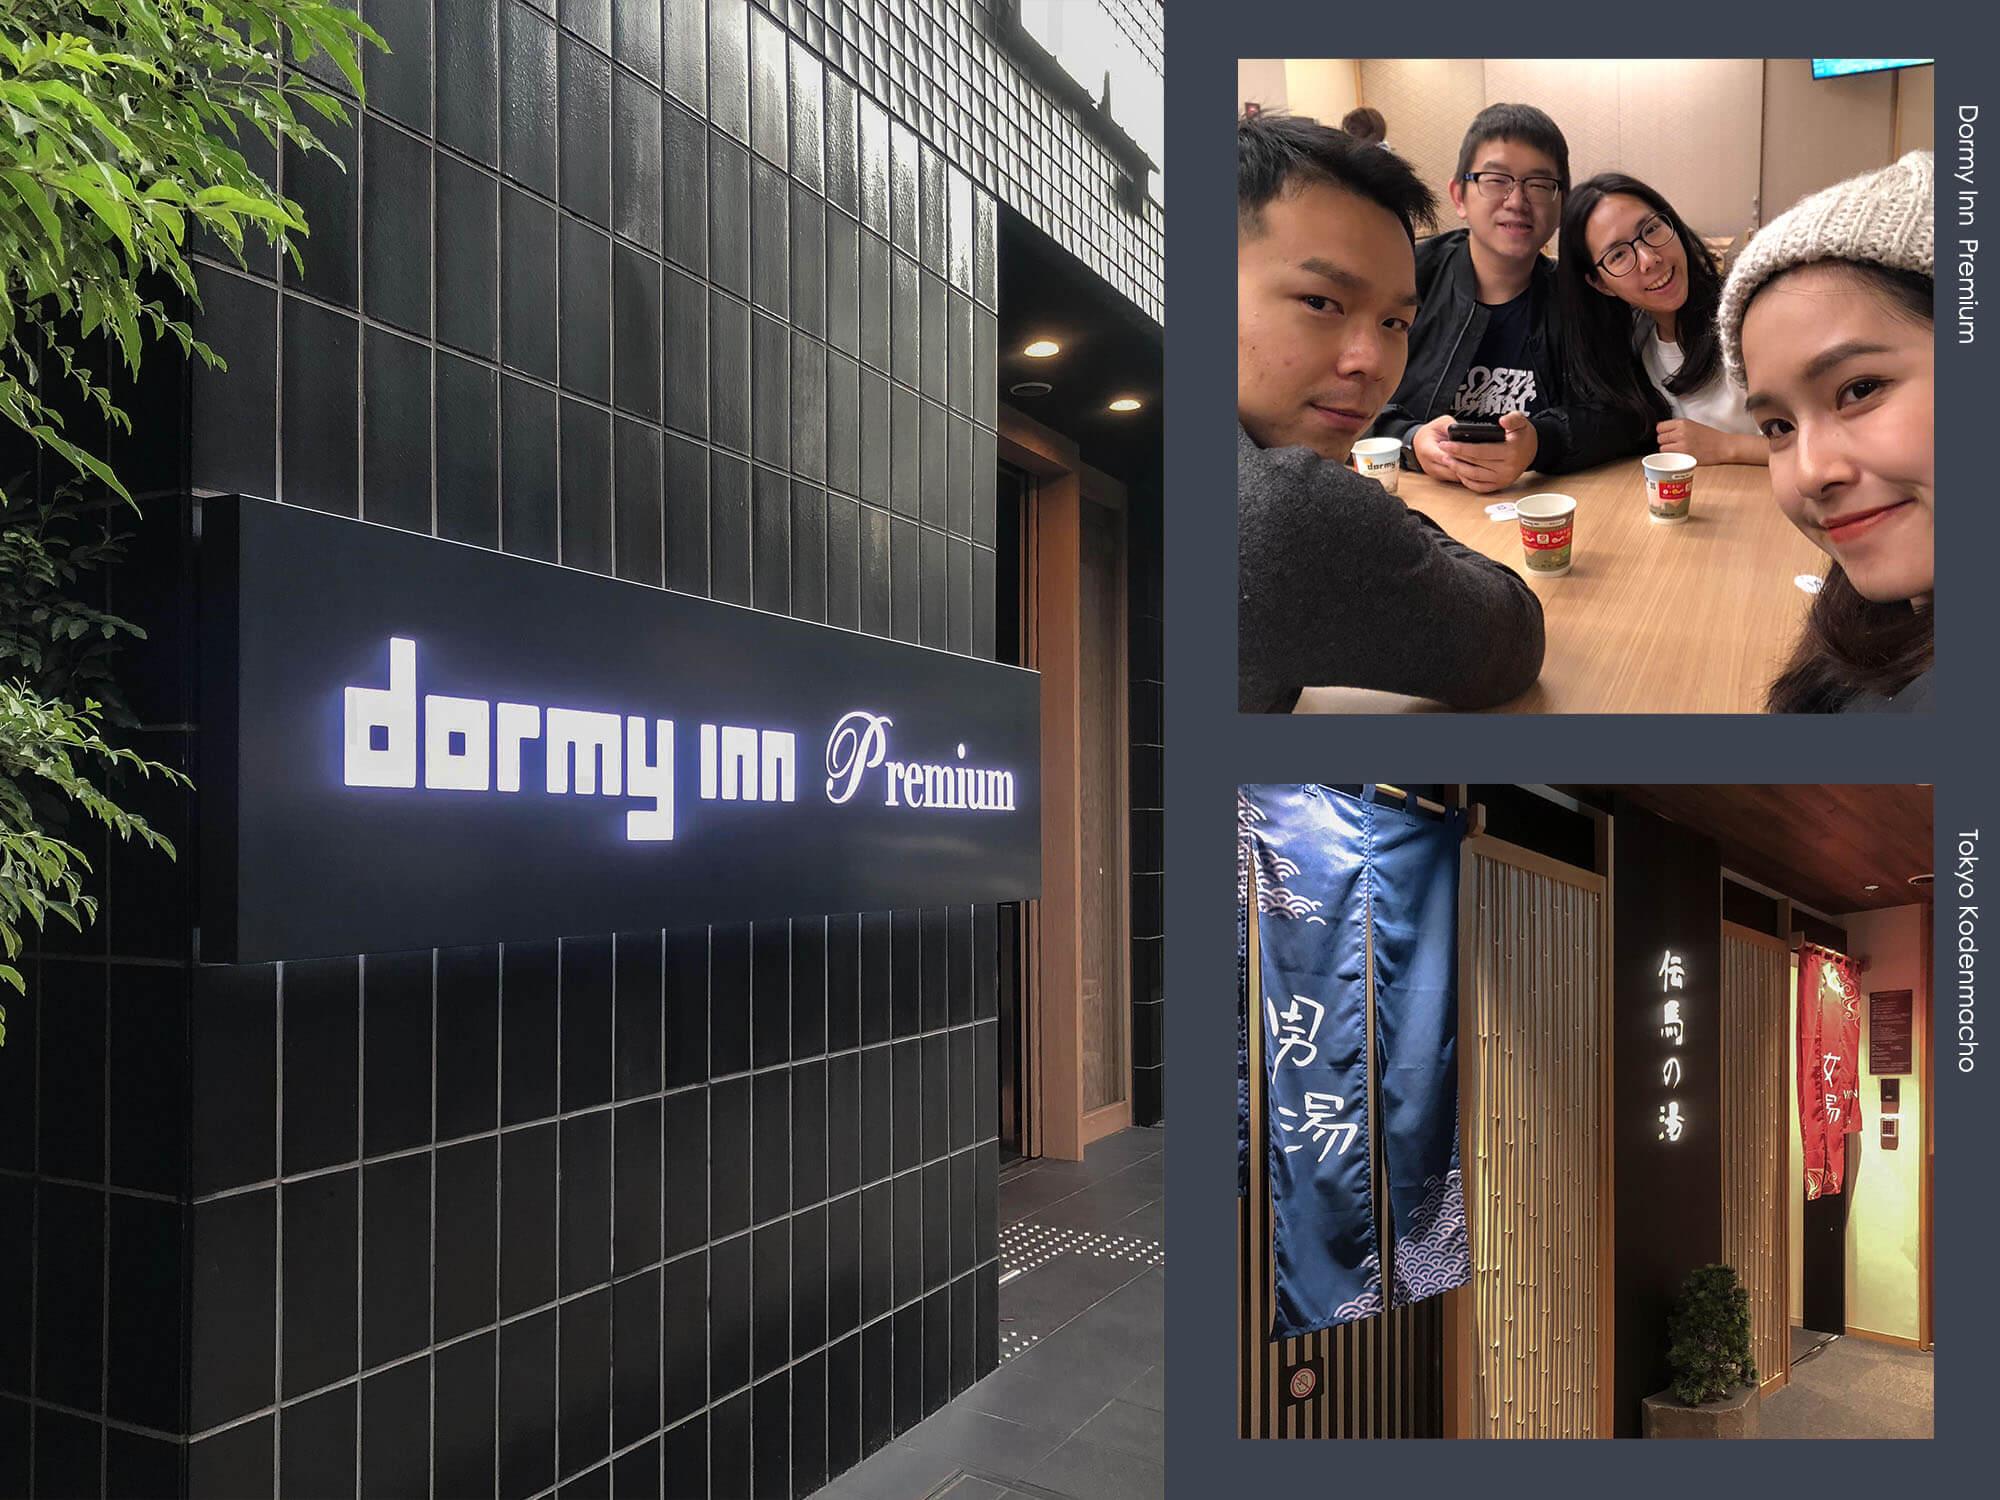 東京住宿|超享受設施-熱水浴場和醬油拉麵宵夜,推薦!小傳馬町多米飯店-日本橋Dormy Inn Premium Tokyo Kodenmacho